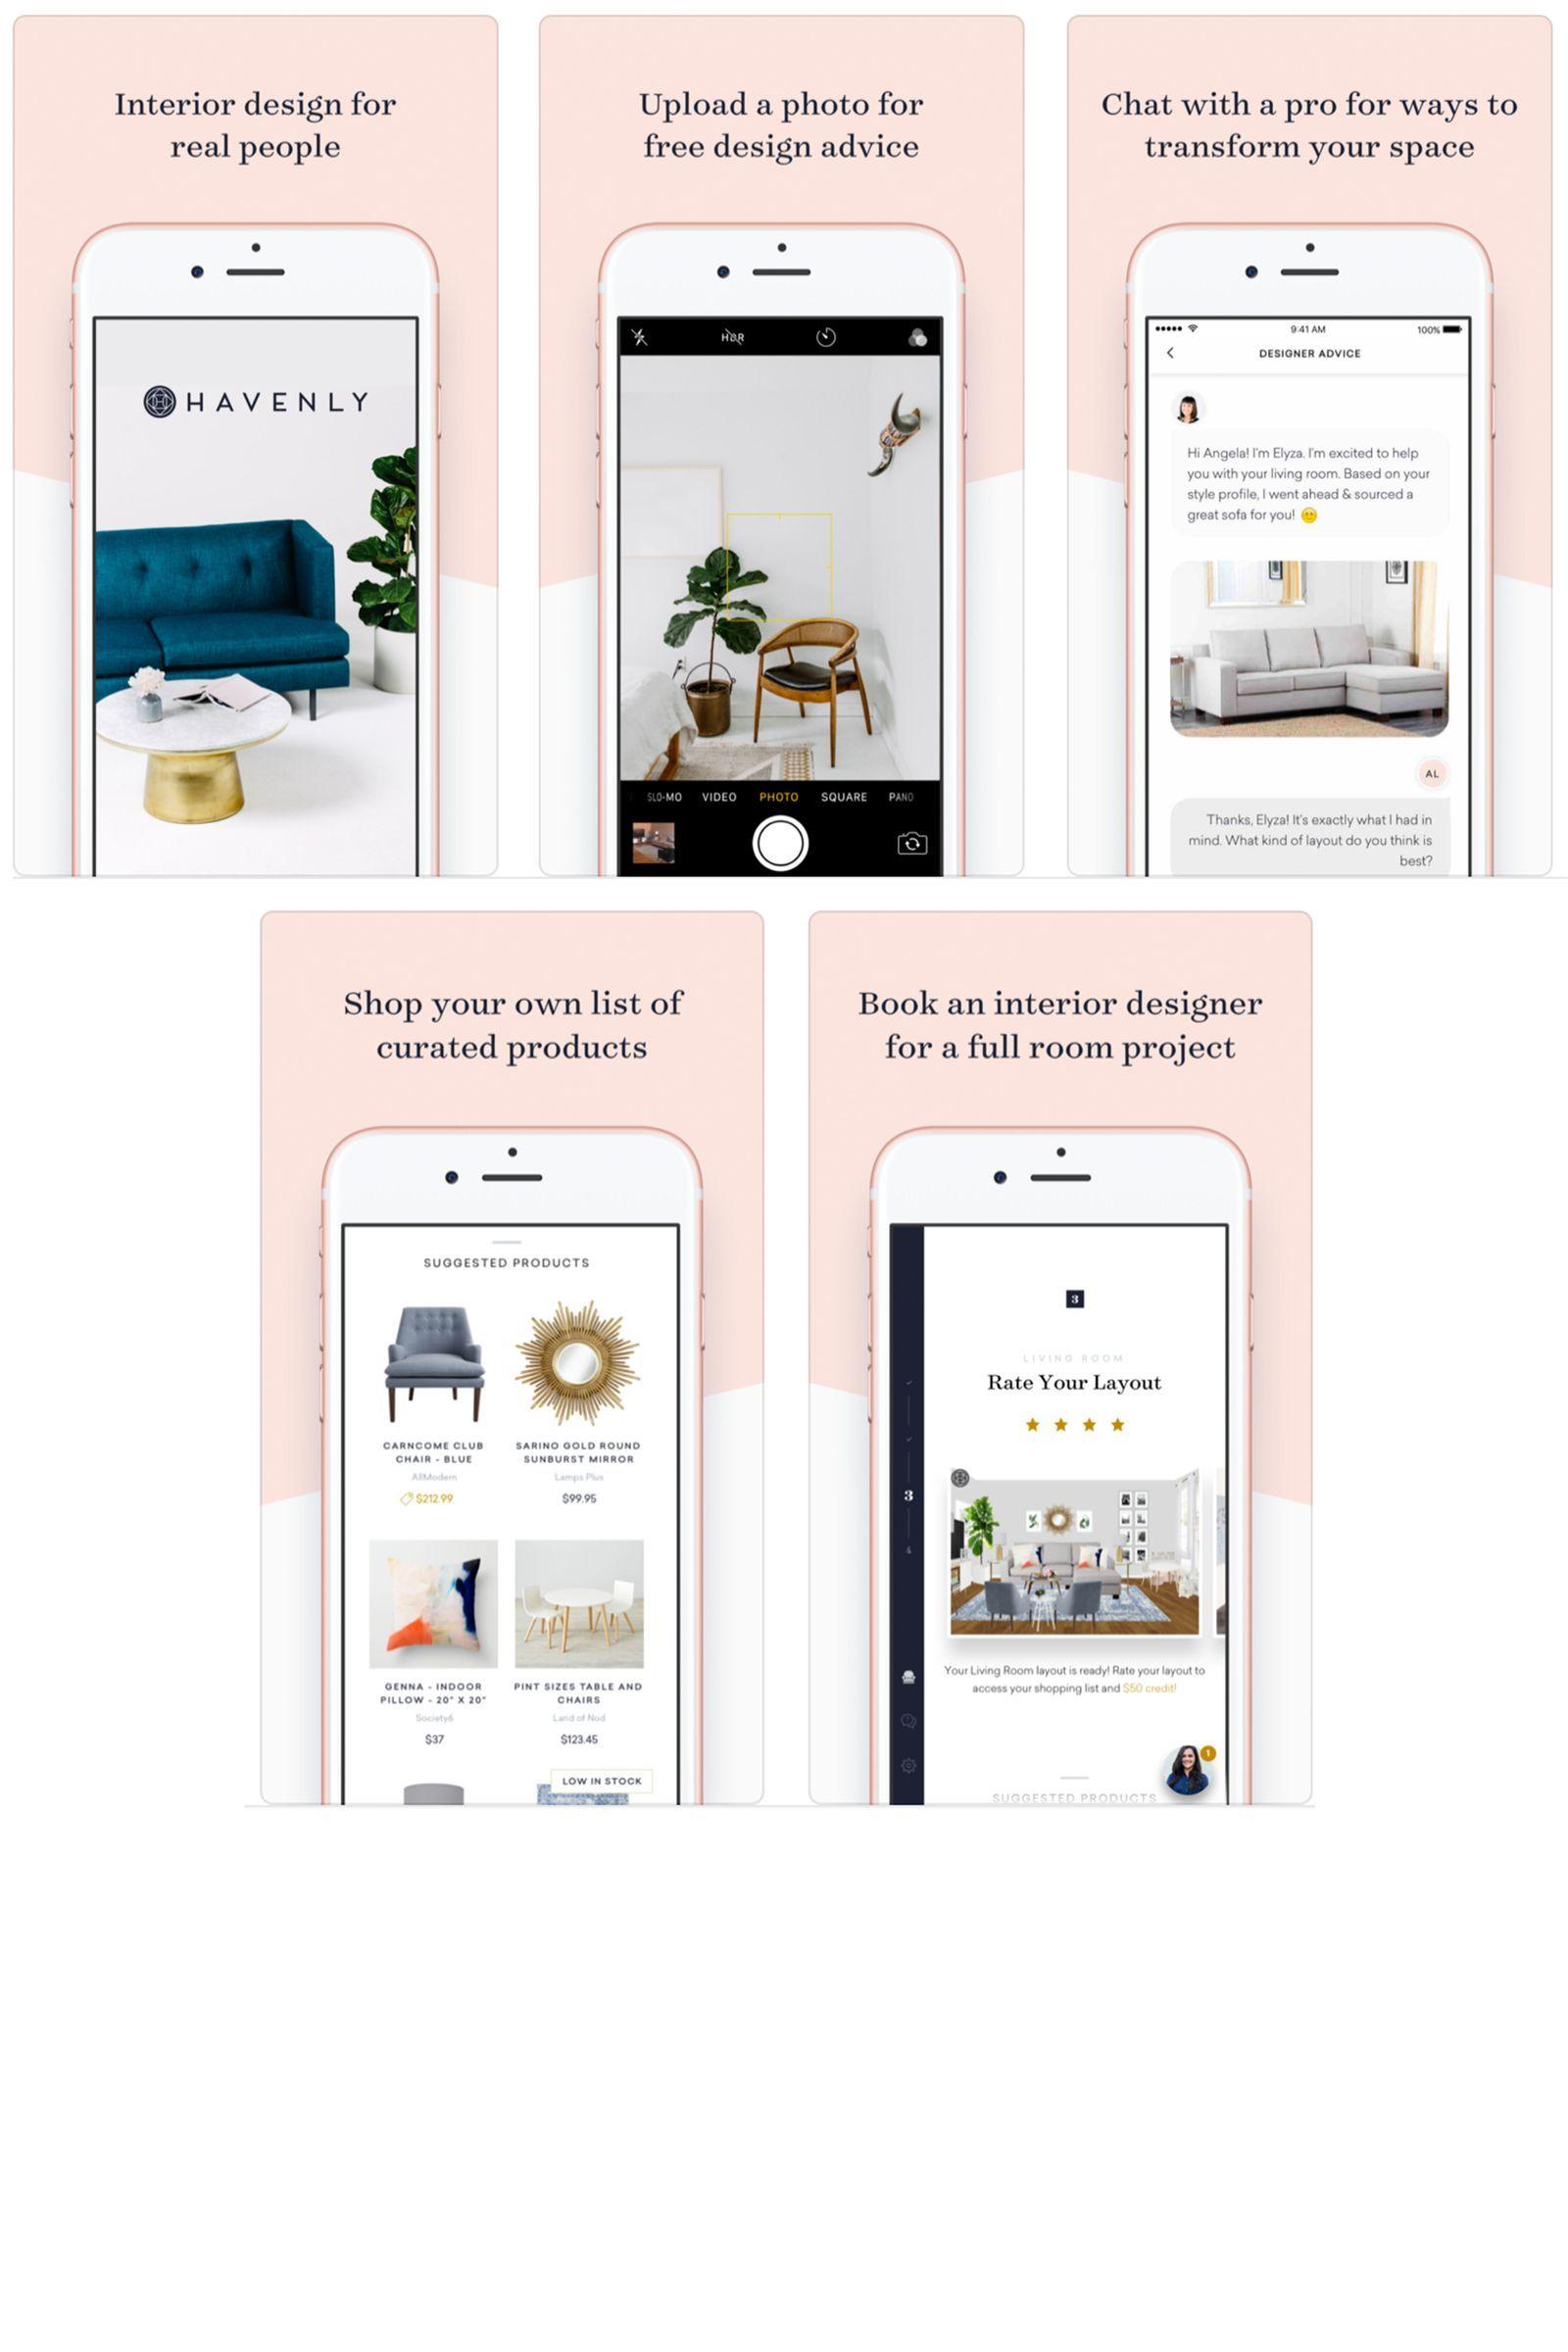 These Interior Design Apps Will Revolutionize Your Next Redo In 2020 Interior Design Apps Design Home App Best Interior Design Apps